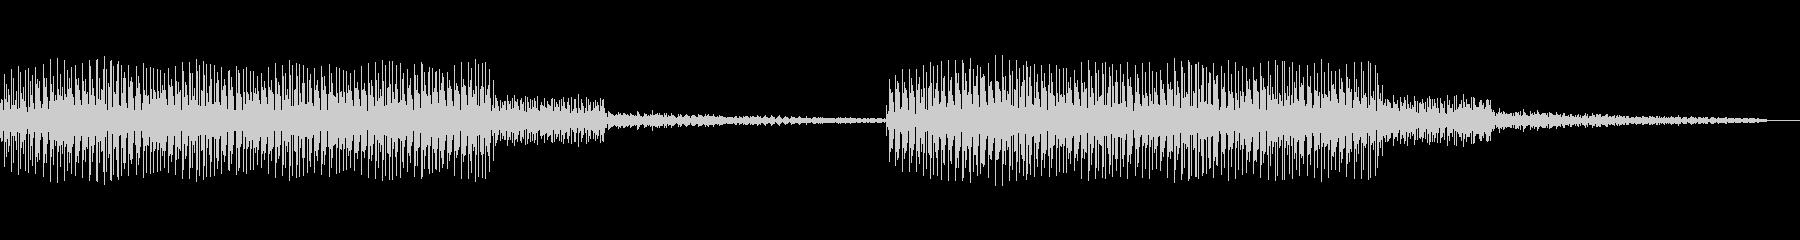 ブーブーというサイレンやアラームの音ですの未再生の波形